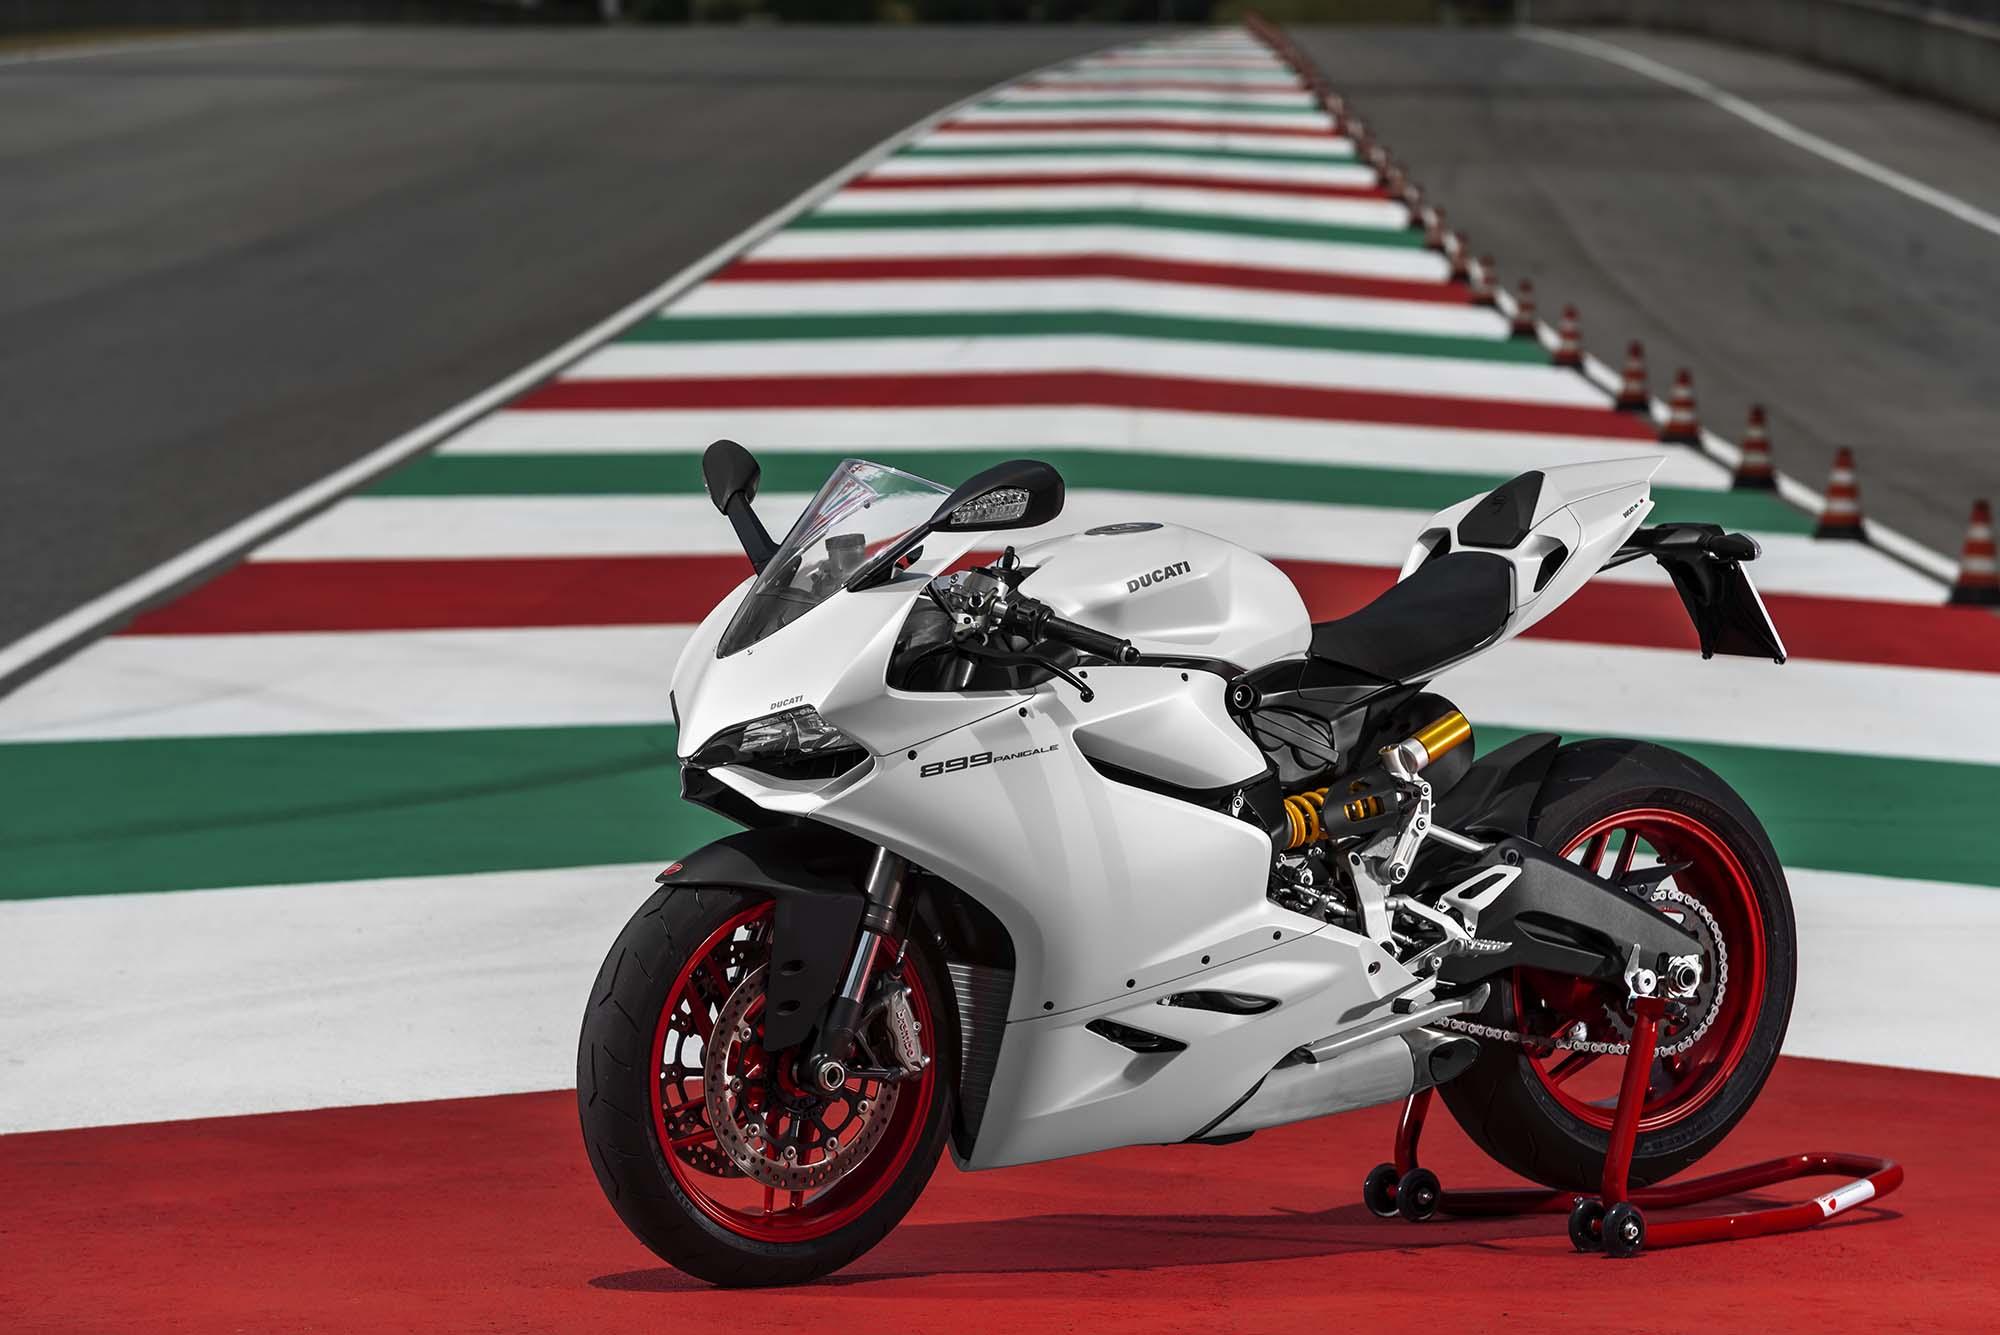 superbike899 panigale 杜卡迪全新跑车 高清图片